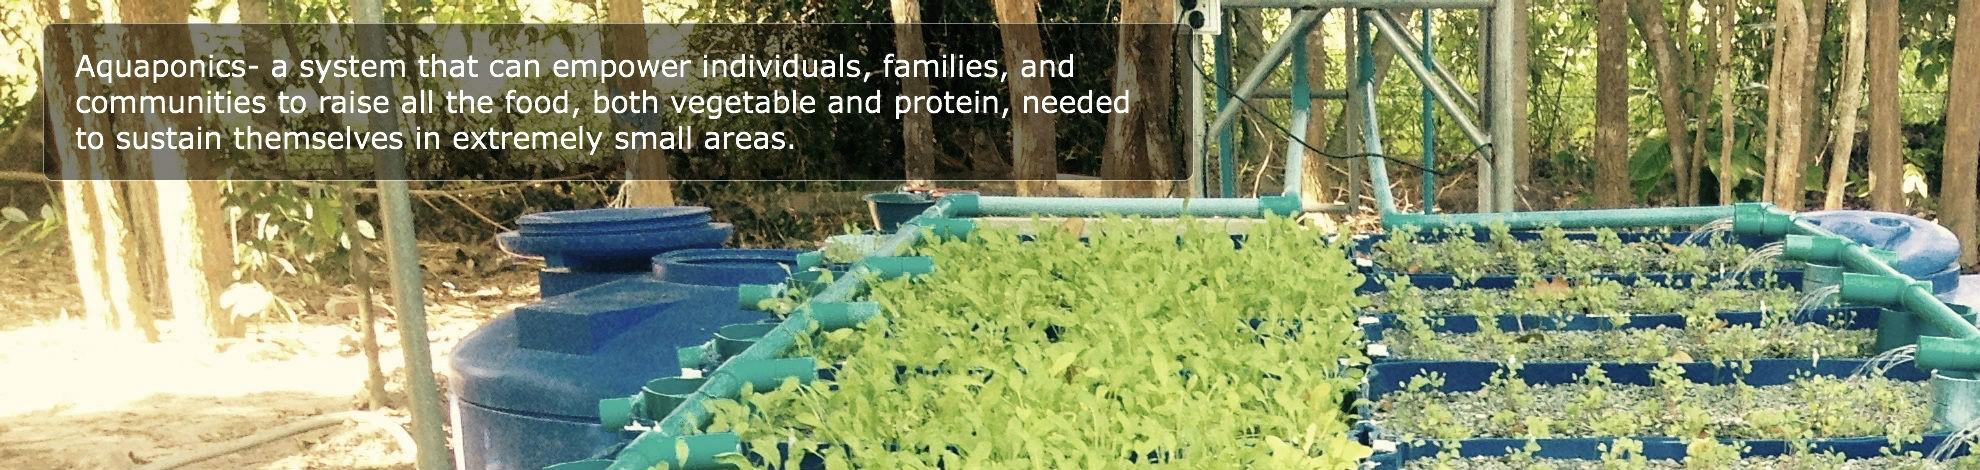 Aquaponics.Web